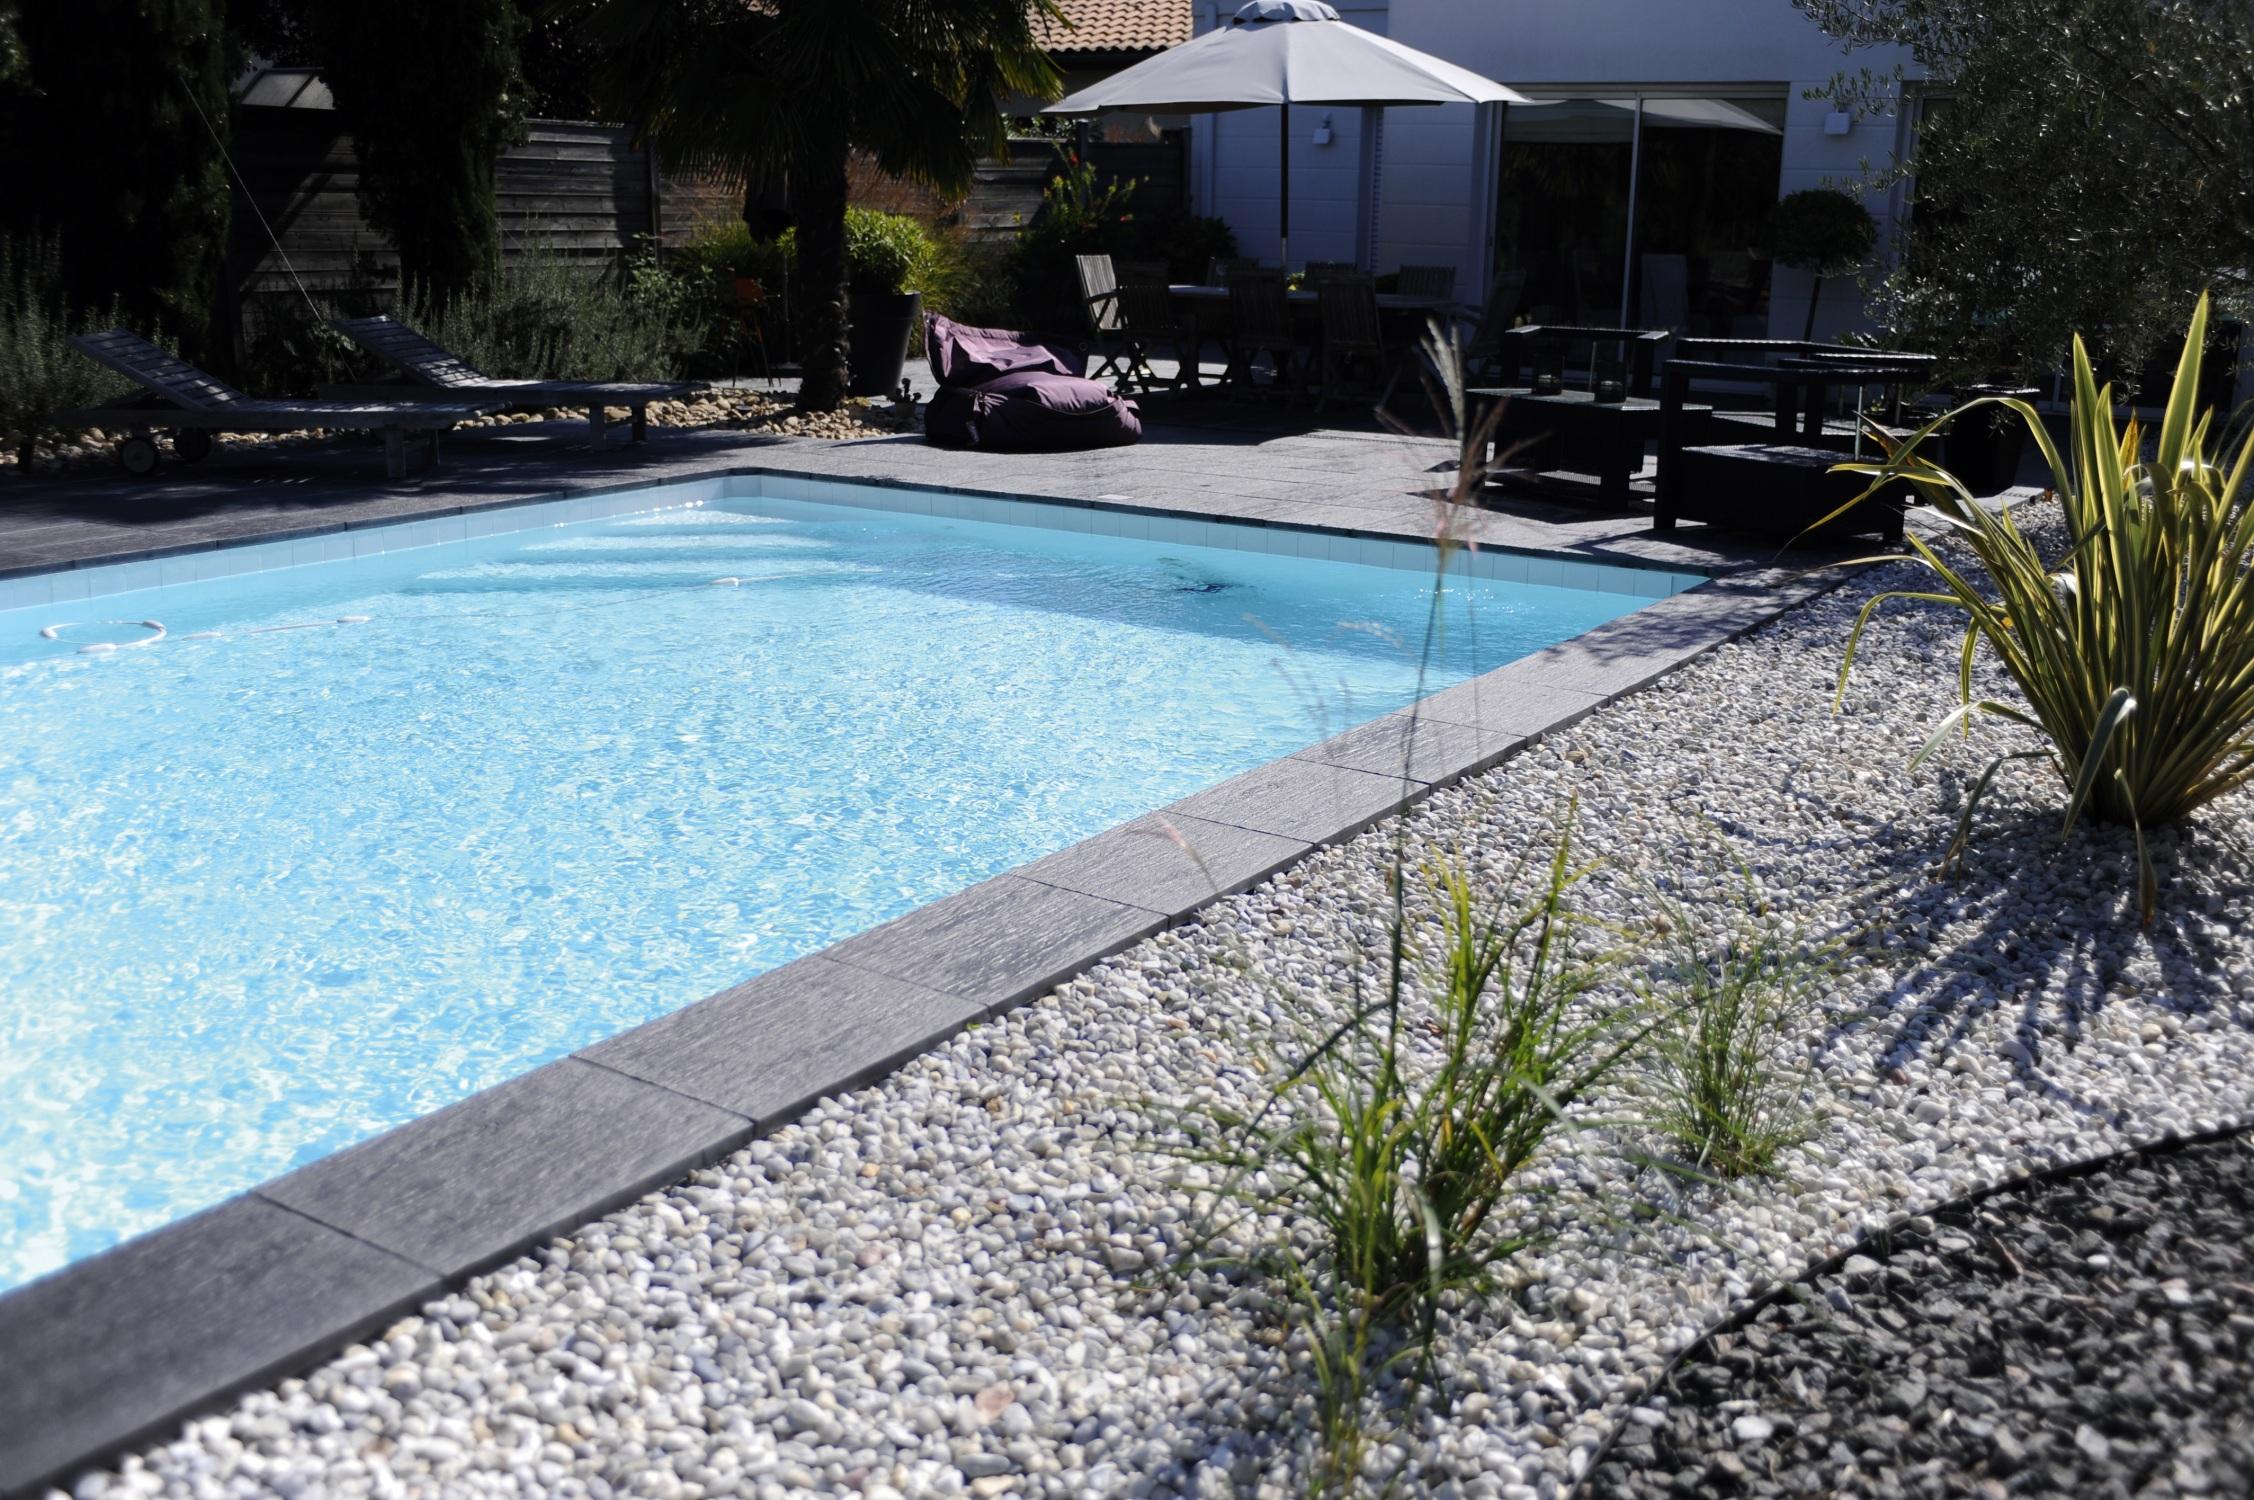 decoration exterieur autour d une piscine